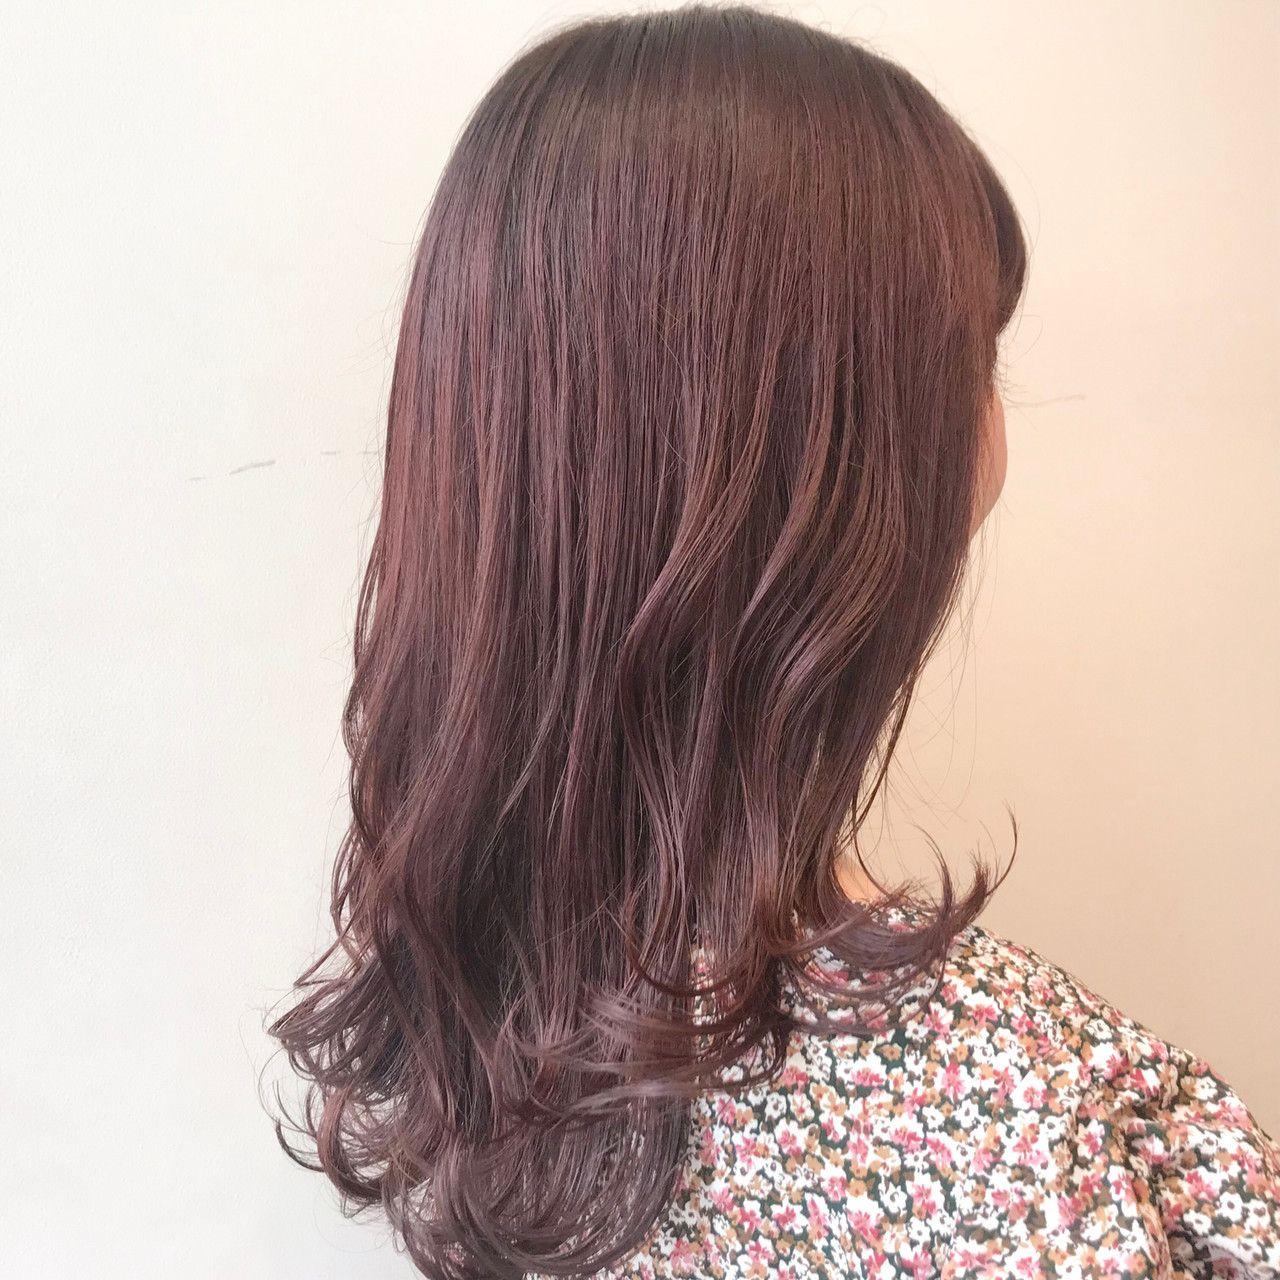 旬カラーで髪も衣替え 市販のヘアカラーでイメチェン計画してみましょ Hair ヘアカラー ヘアスタイリング 髪 カラー